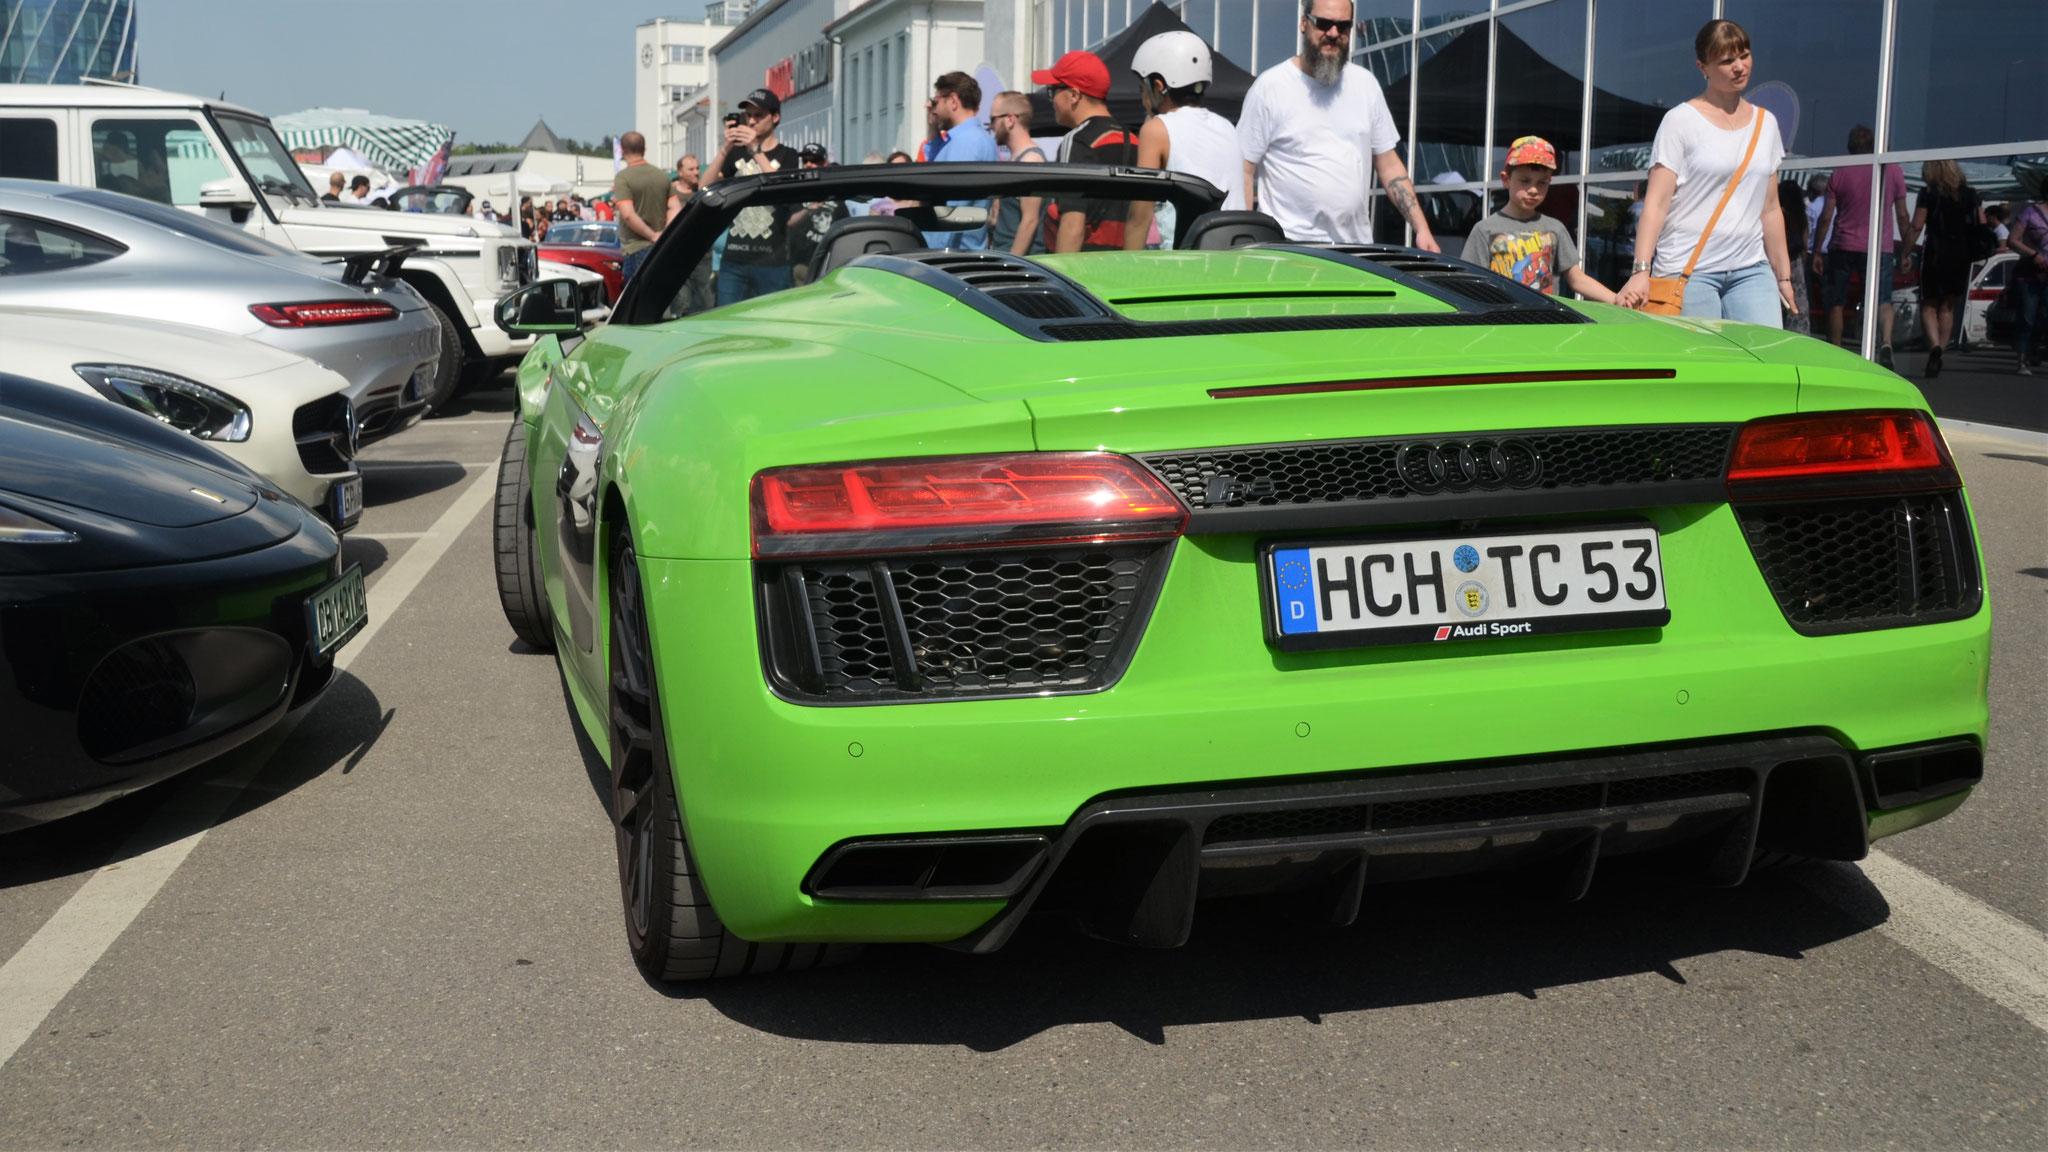 Audi R8 V10 Spyder - HCH-TC-53